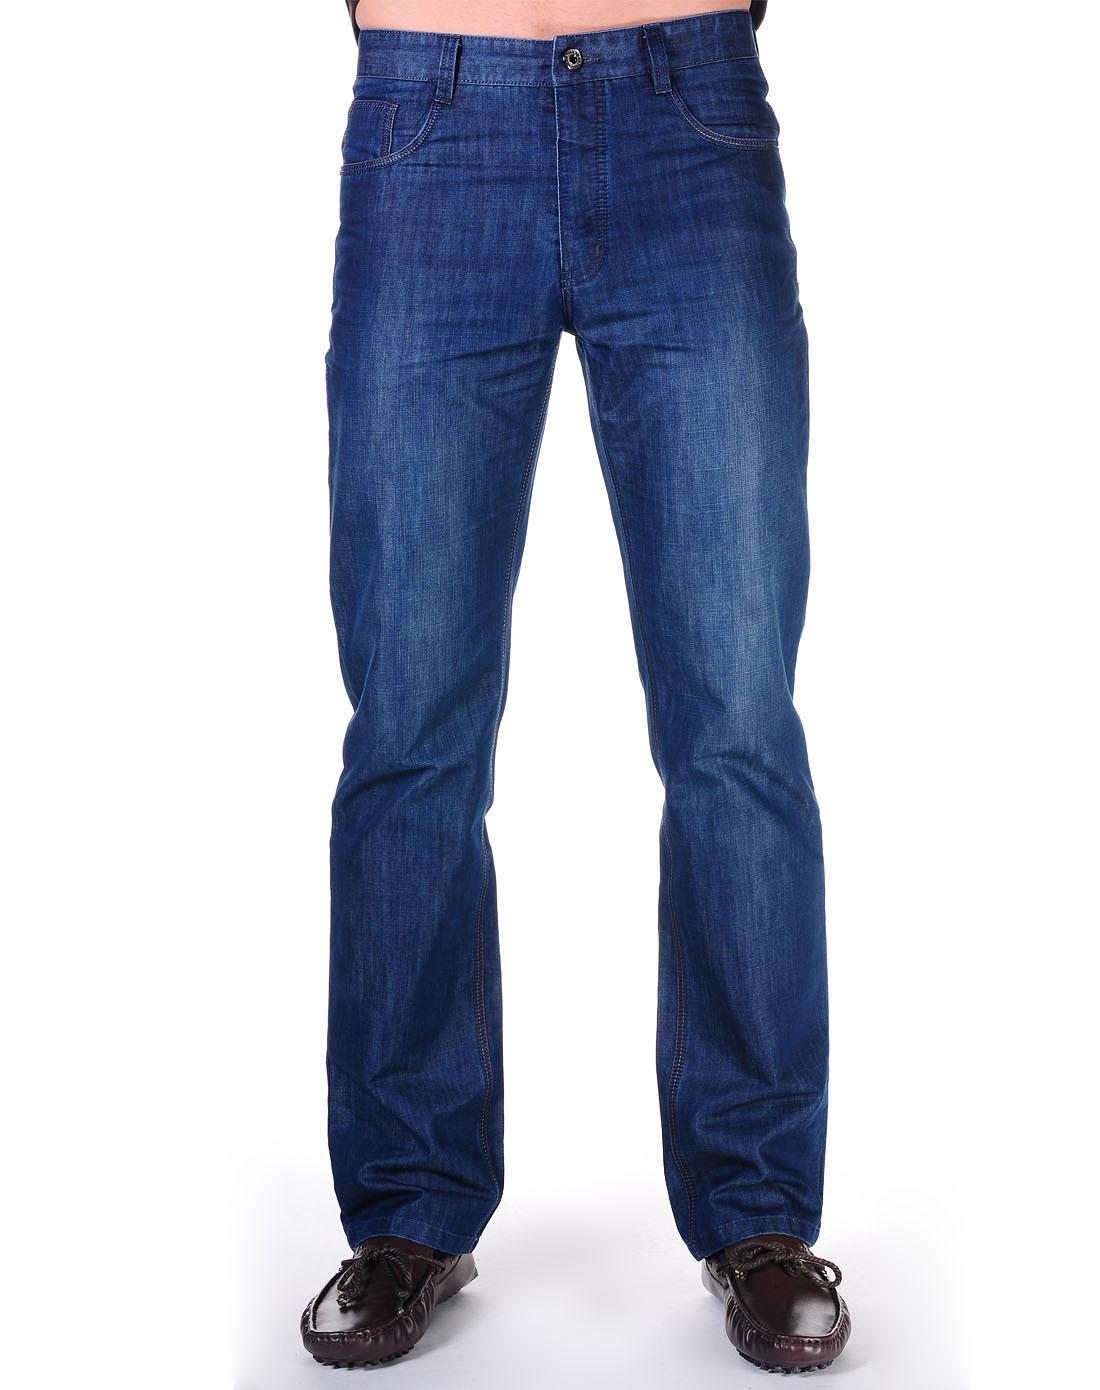 男款牛仔蓝牛仔裤